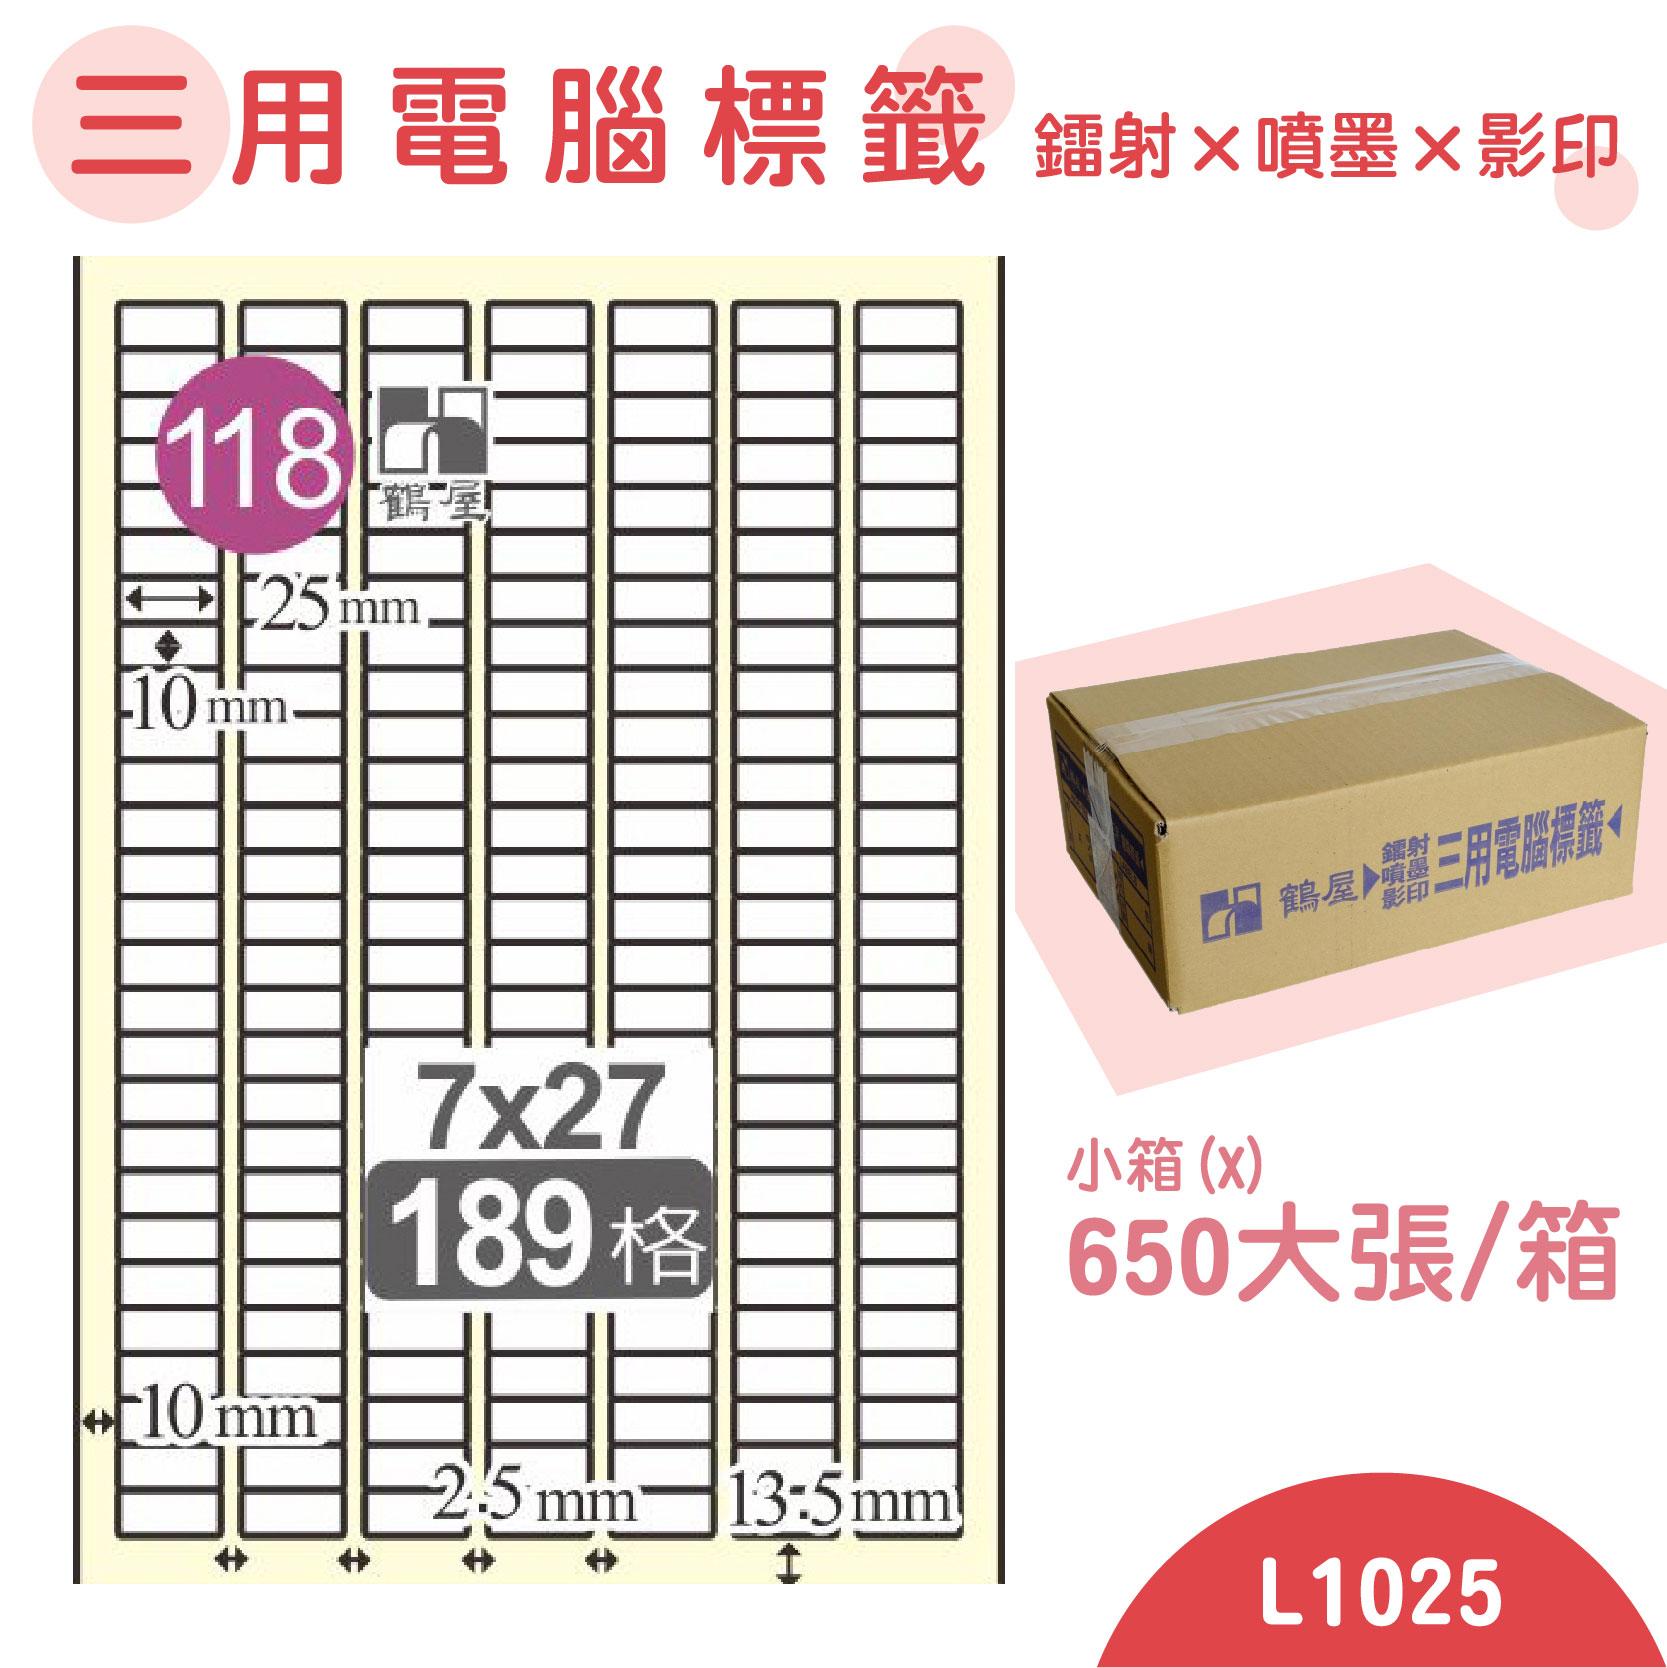 電腦標籤紙(鶴屋) 白色 L1025 189格 650大張/小箱 影印 雷射 噴墨 三用 標籤 貼紙 信封 光碟標籤